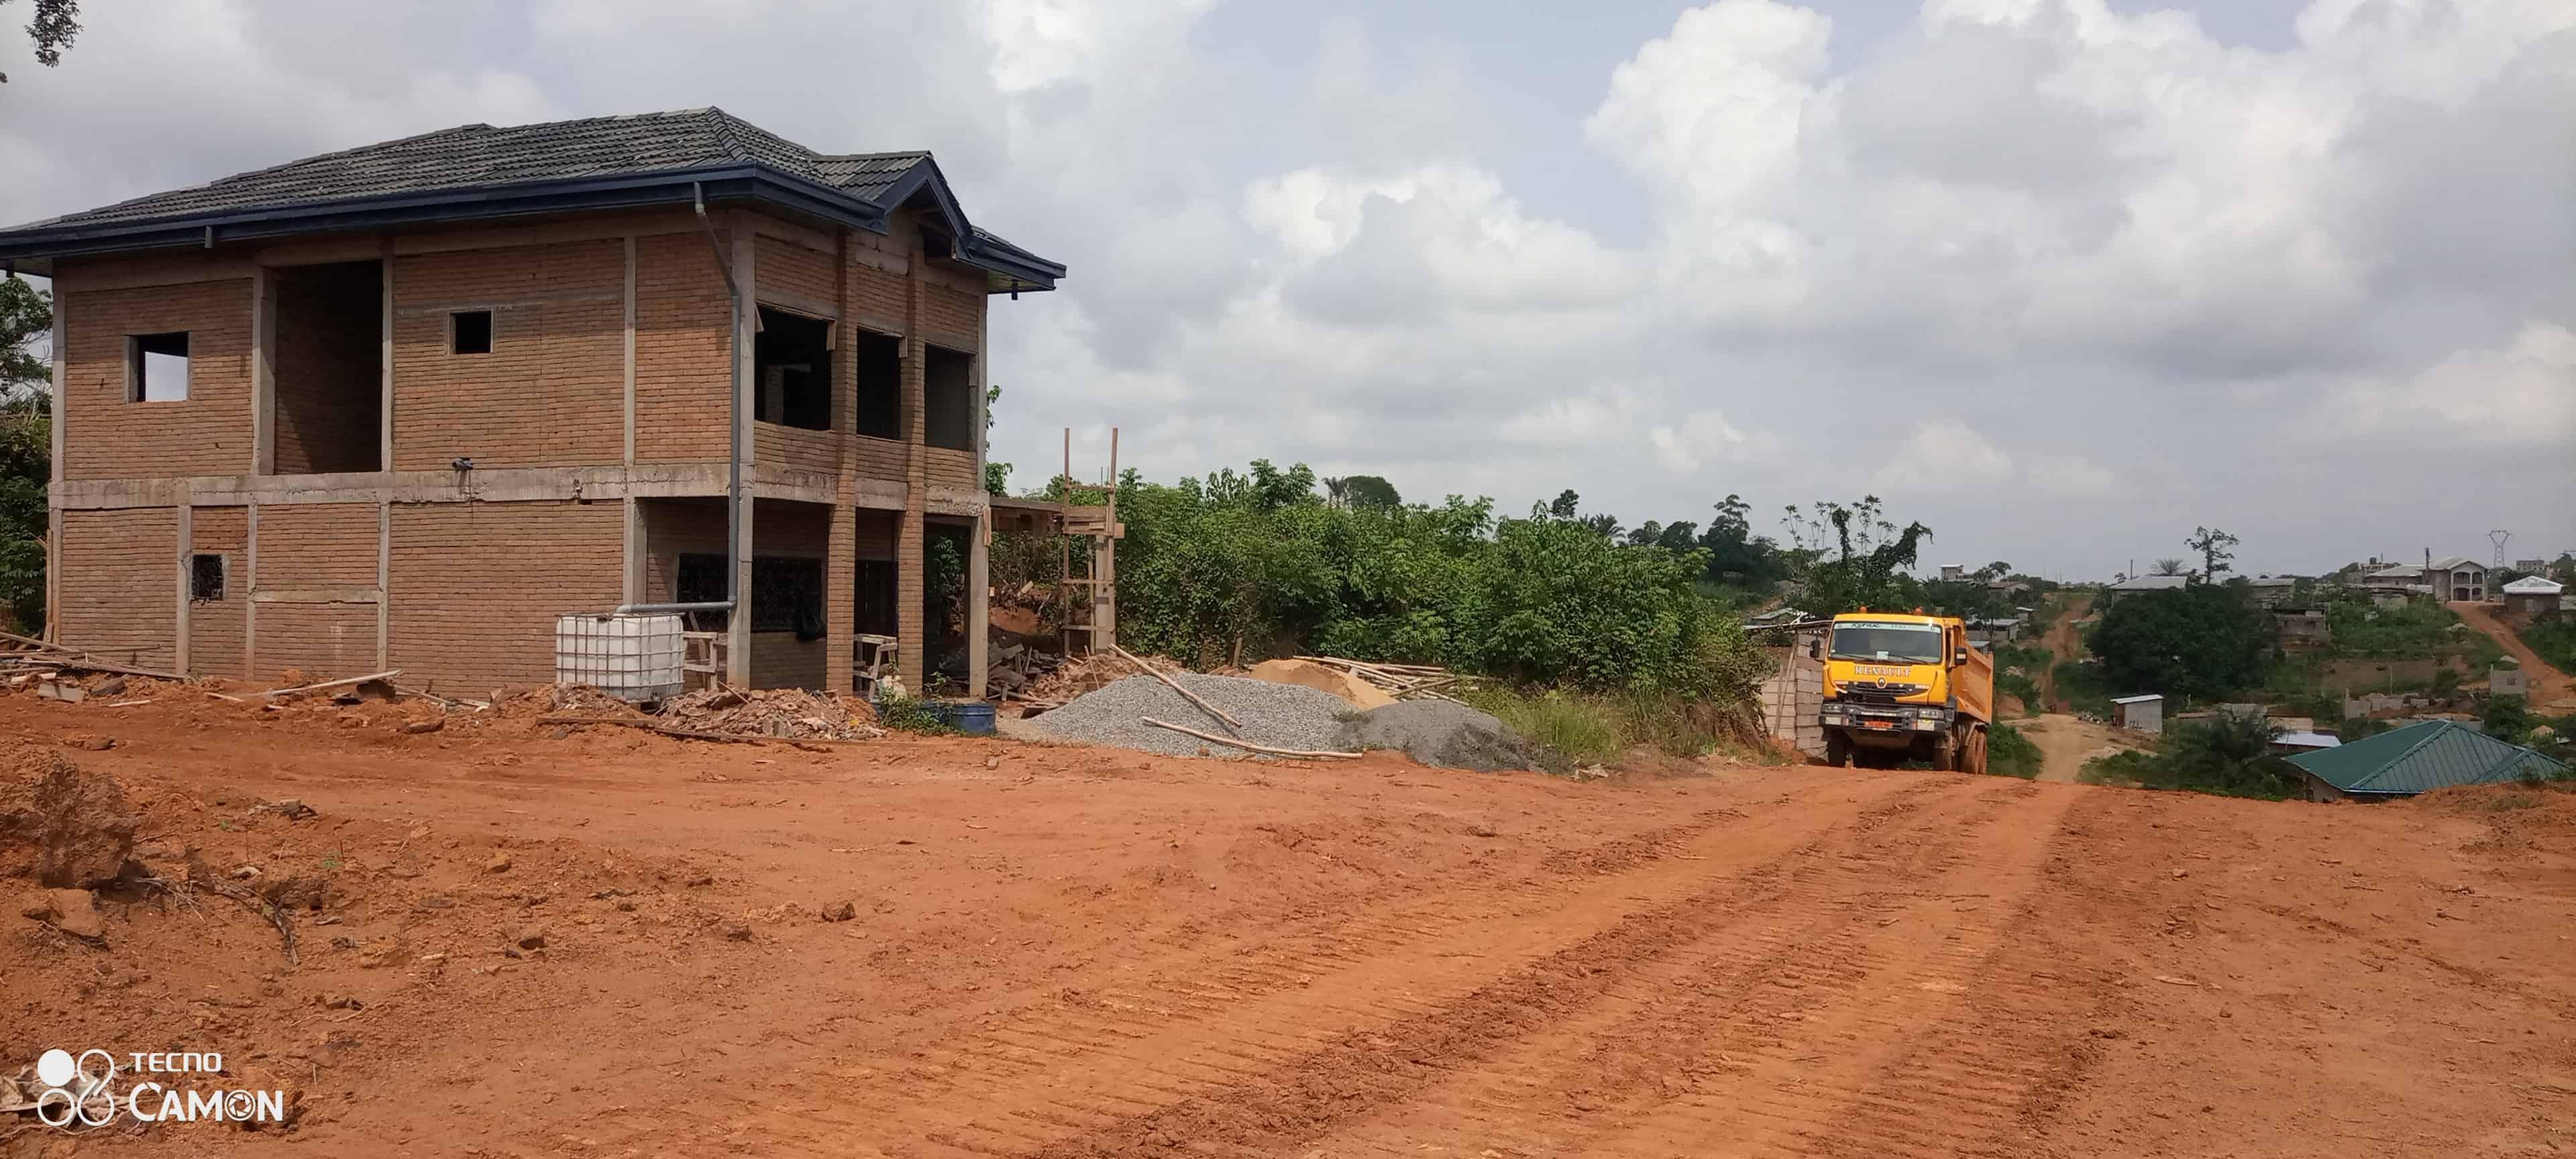 Land for sale at Douala, PK 17, DERRIÈRE L'UNIVERSITÉ DE LOGBESSOU CAMPUS PK17 - 200 m2 - 3 000 000 FCFA